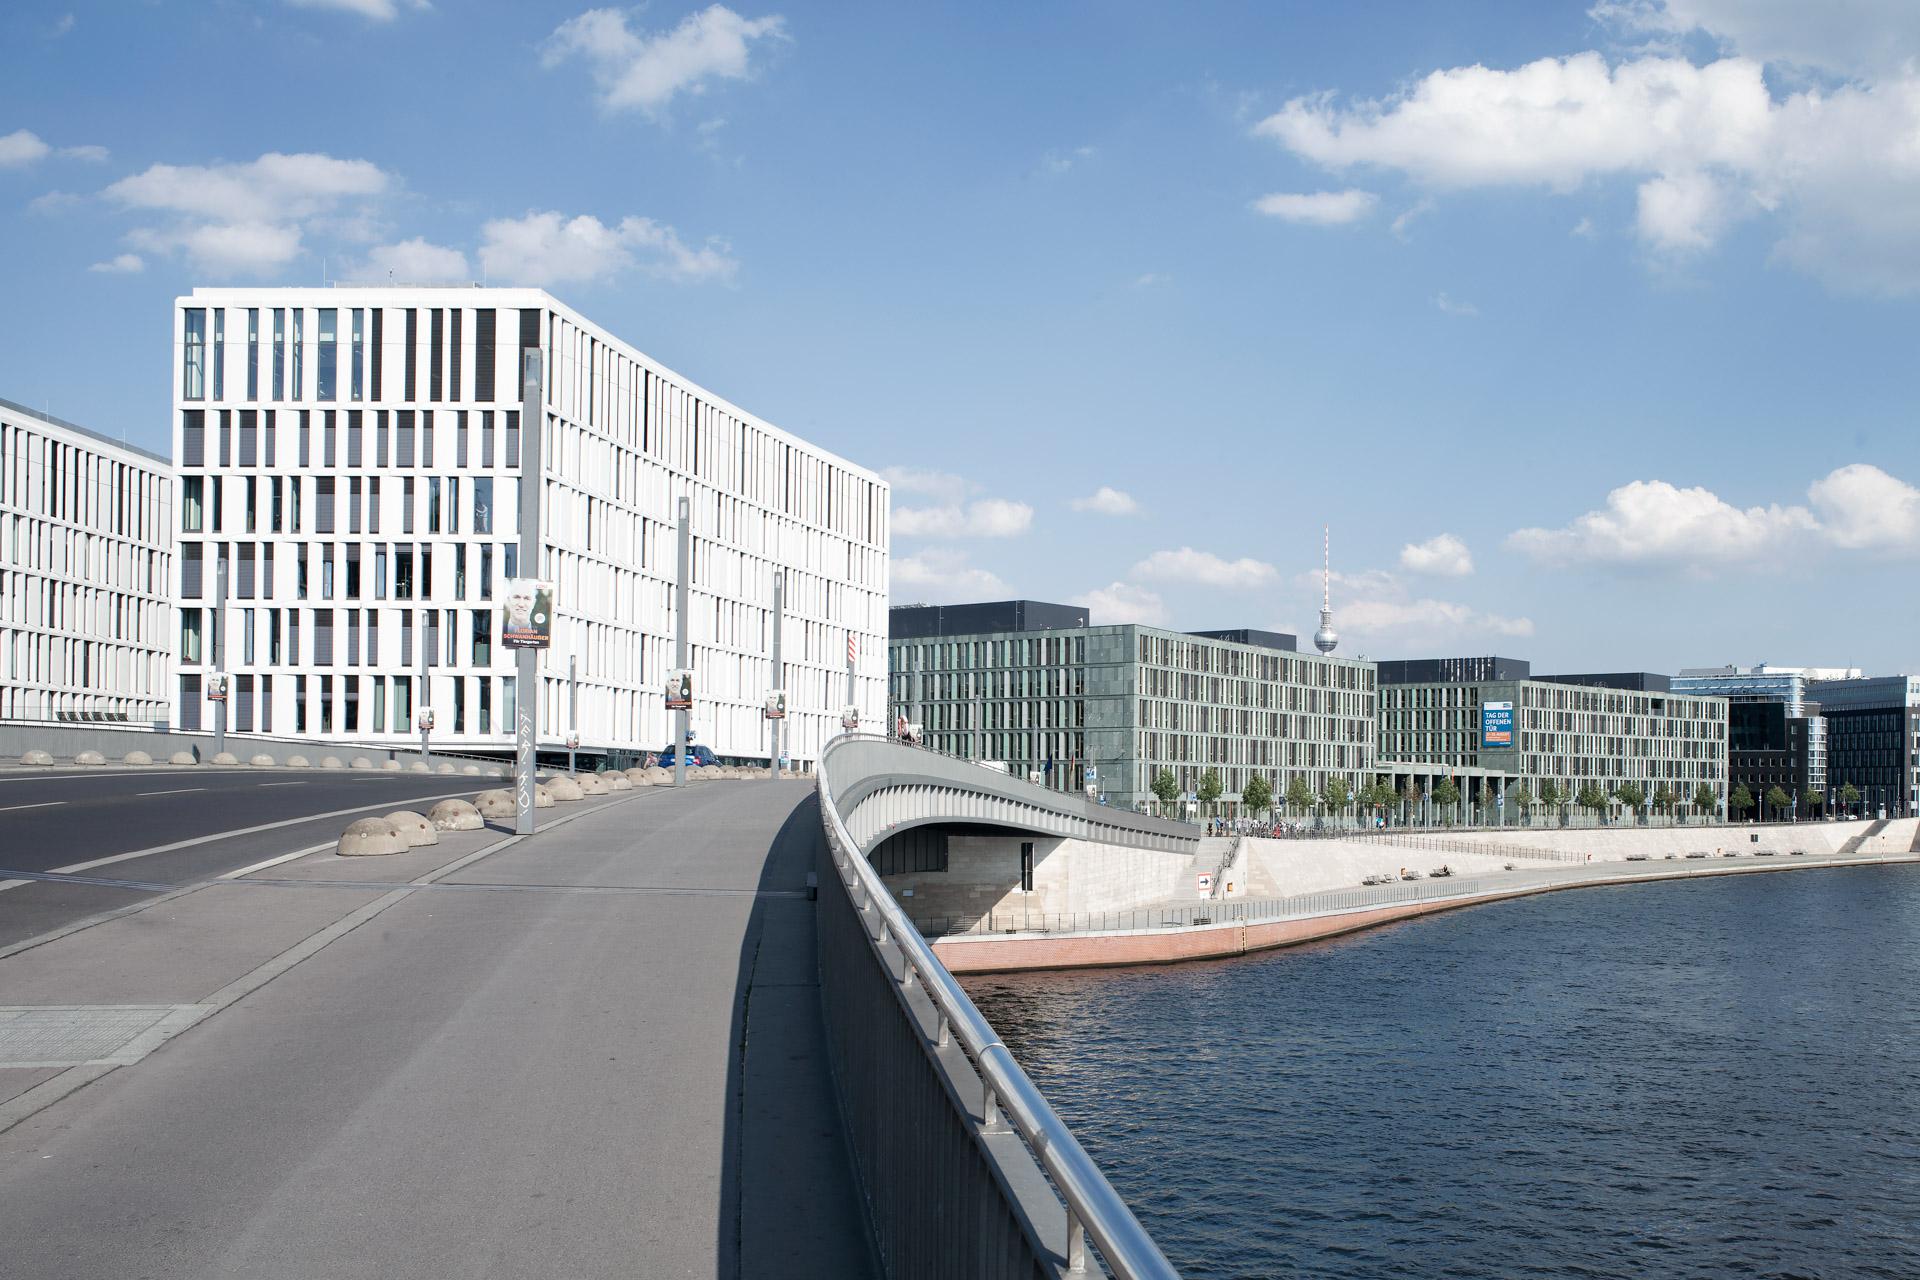 Spree Riverfront buildings, Berlin (DE)